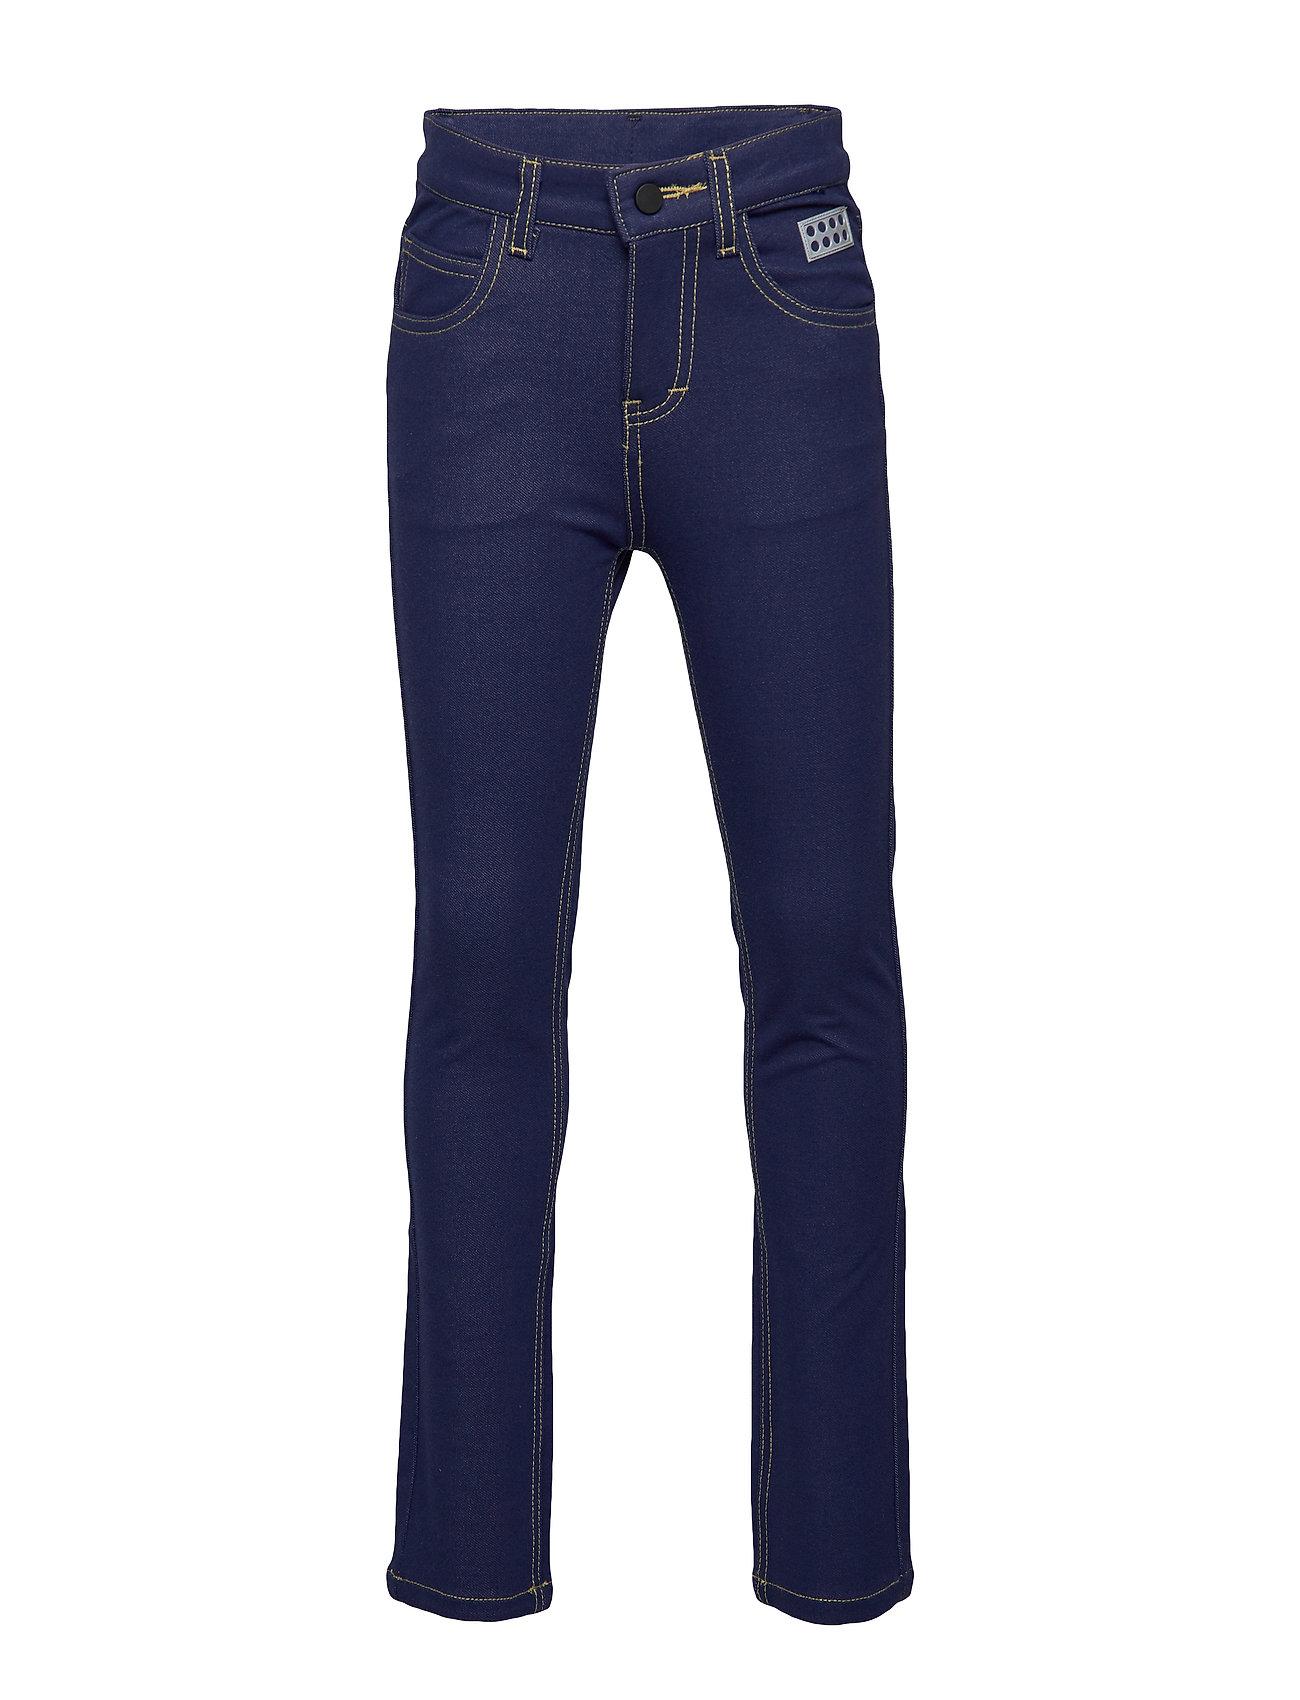 Image of Lwpatrik 304 - Pant Jeans Blå Lego Wear (3363495339)